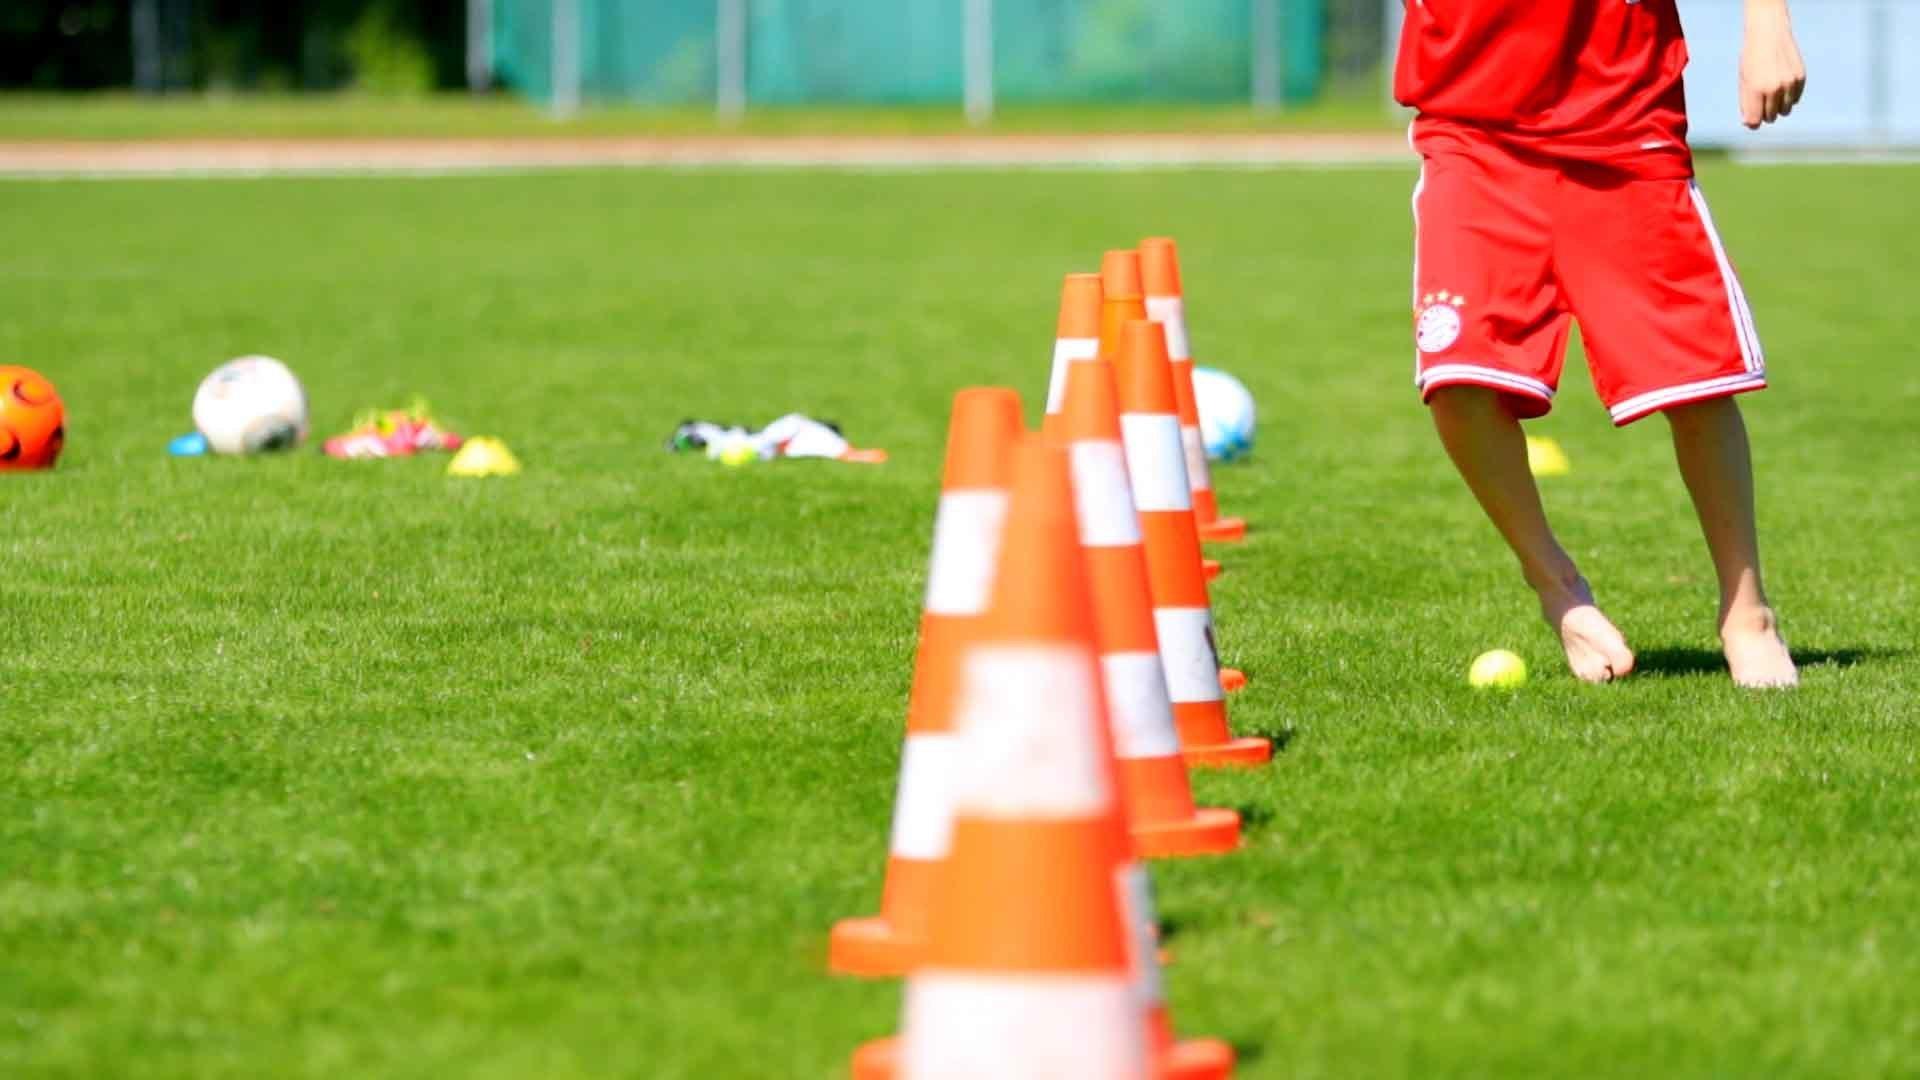 7 Secrets: Was junge Fußballer wissen müssen | Nr. 2: Attitude (Einstellung)